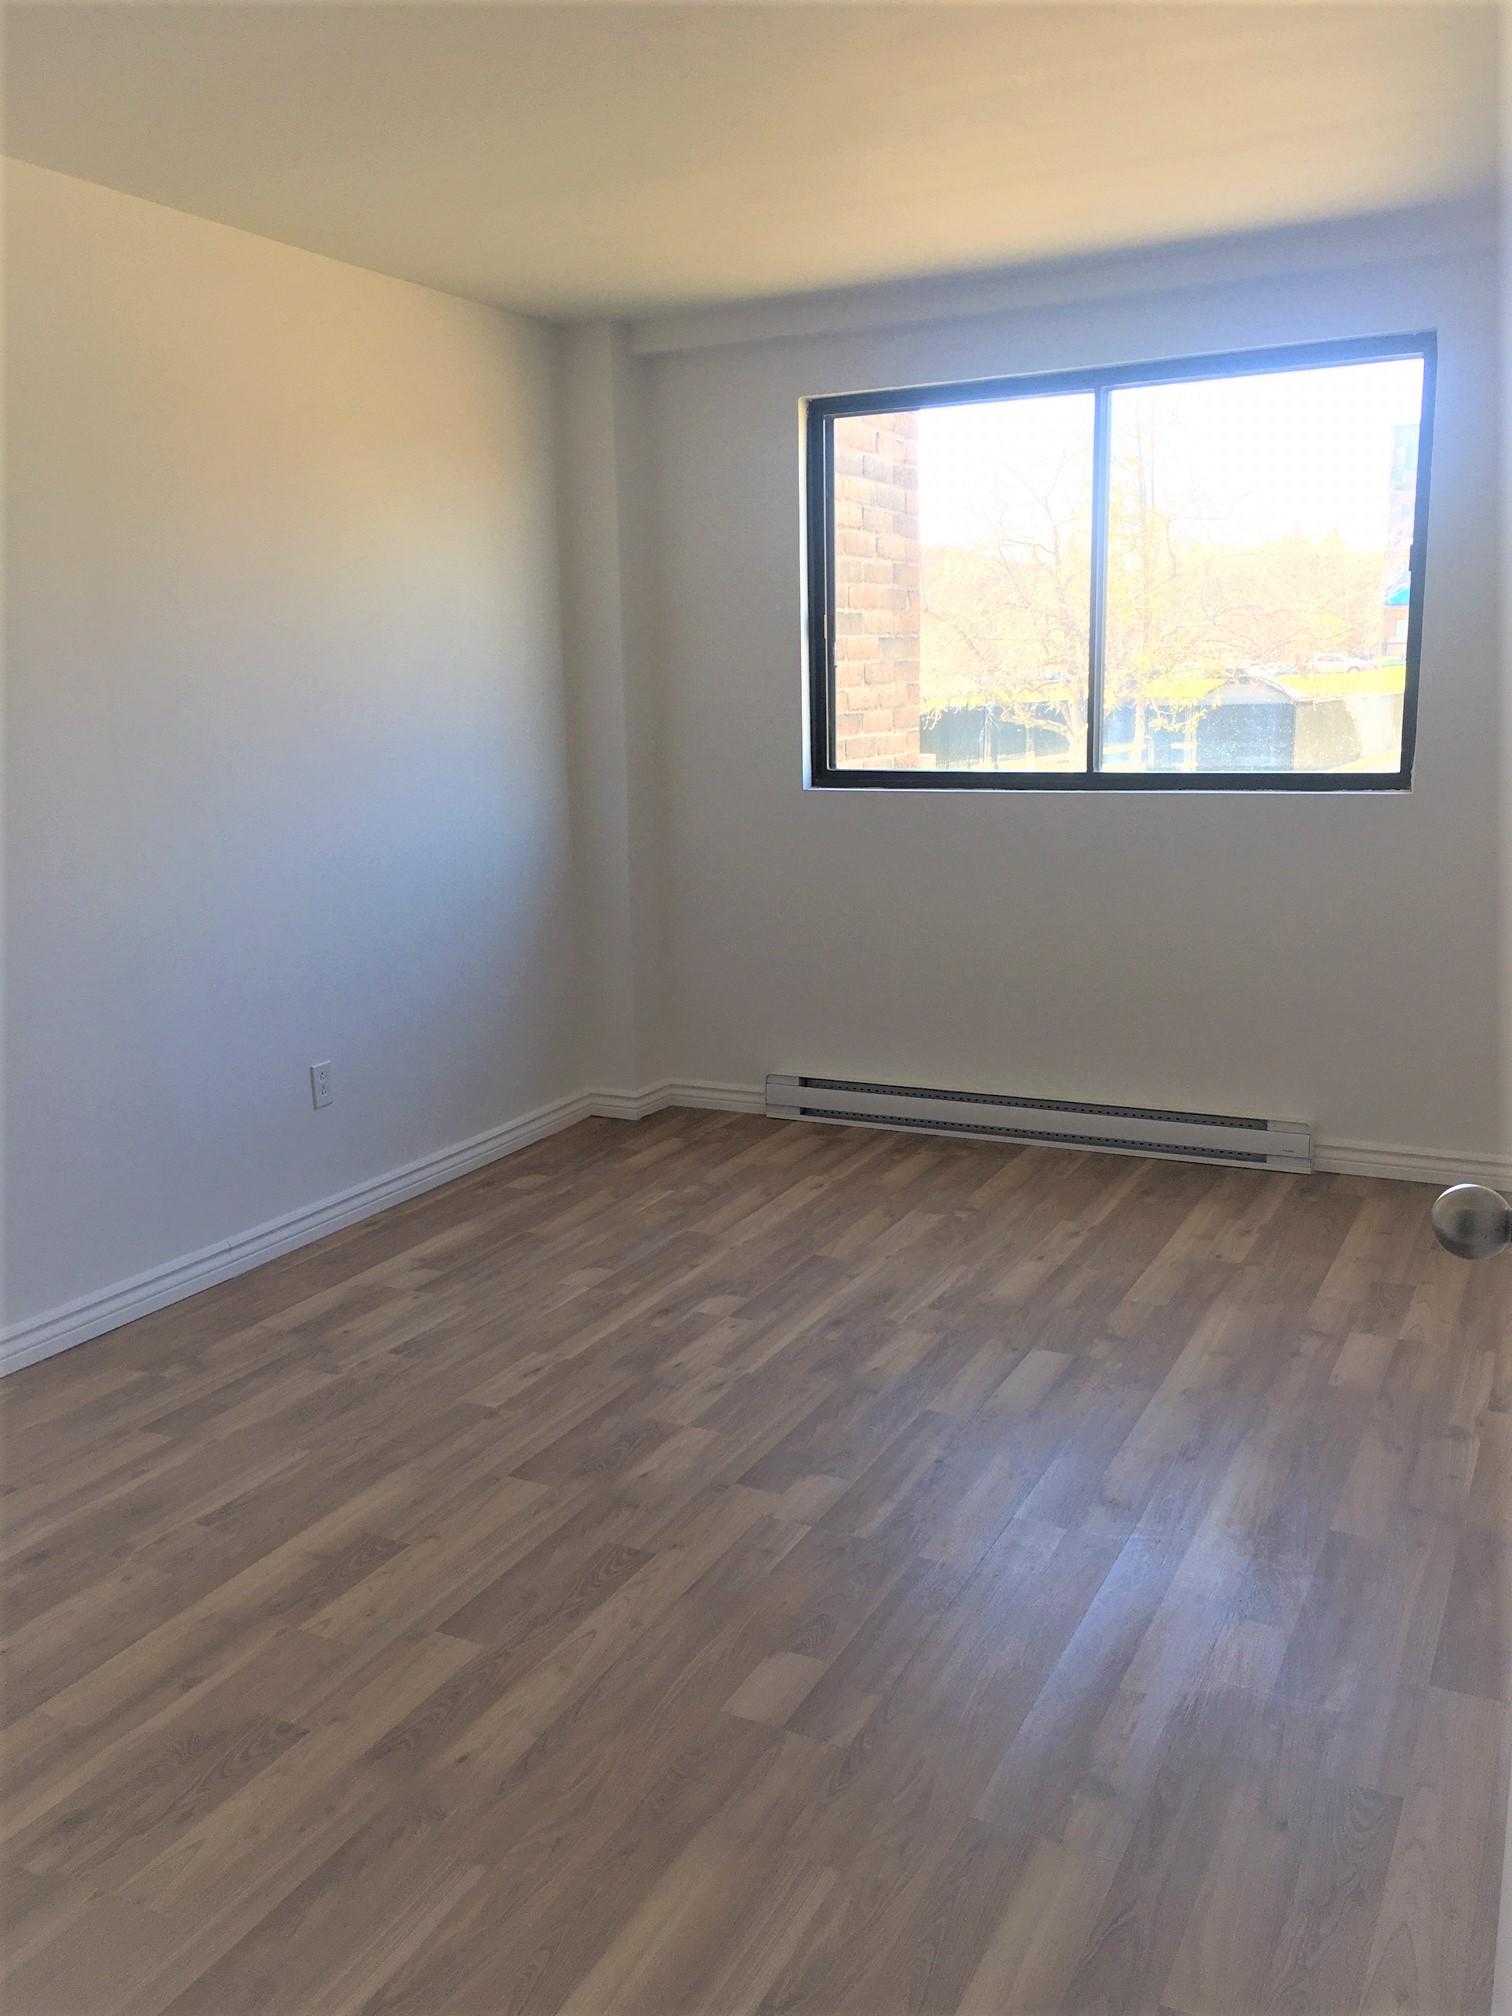 1 bedroom Apartments for rent in Pointe-aux-Trembles at Habitations de la Rousseliere - Photo 05 - RentersPages – L1921